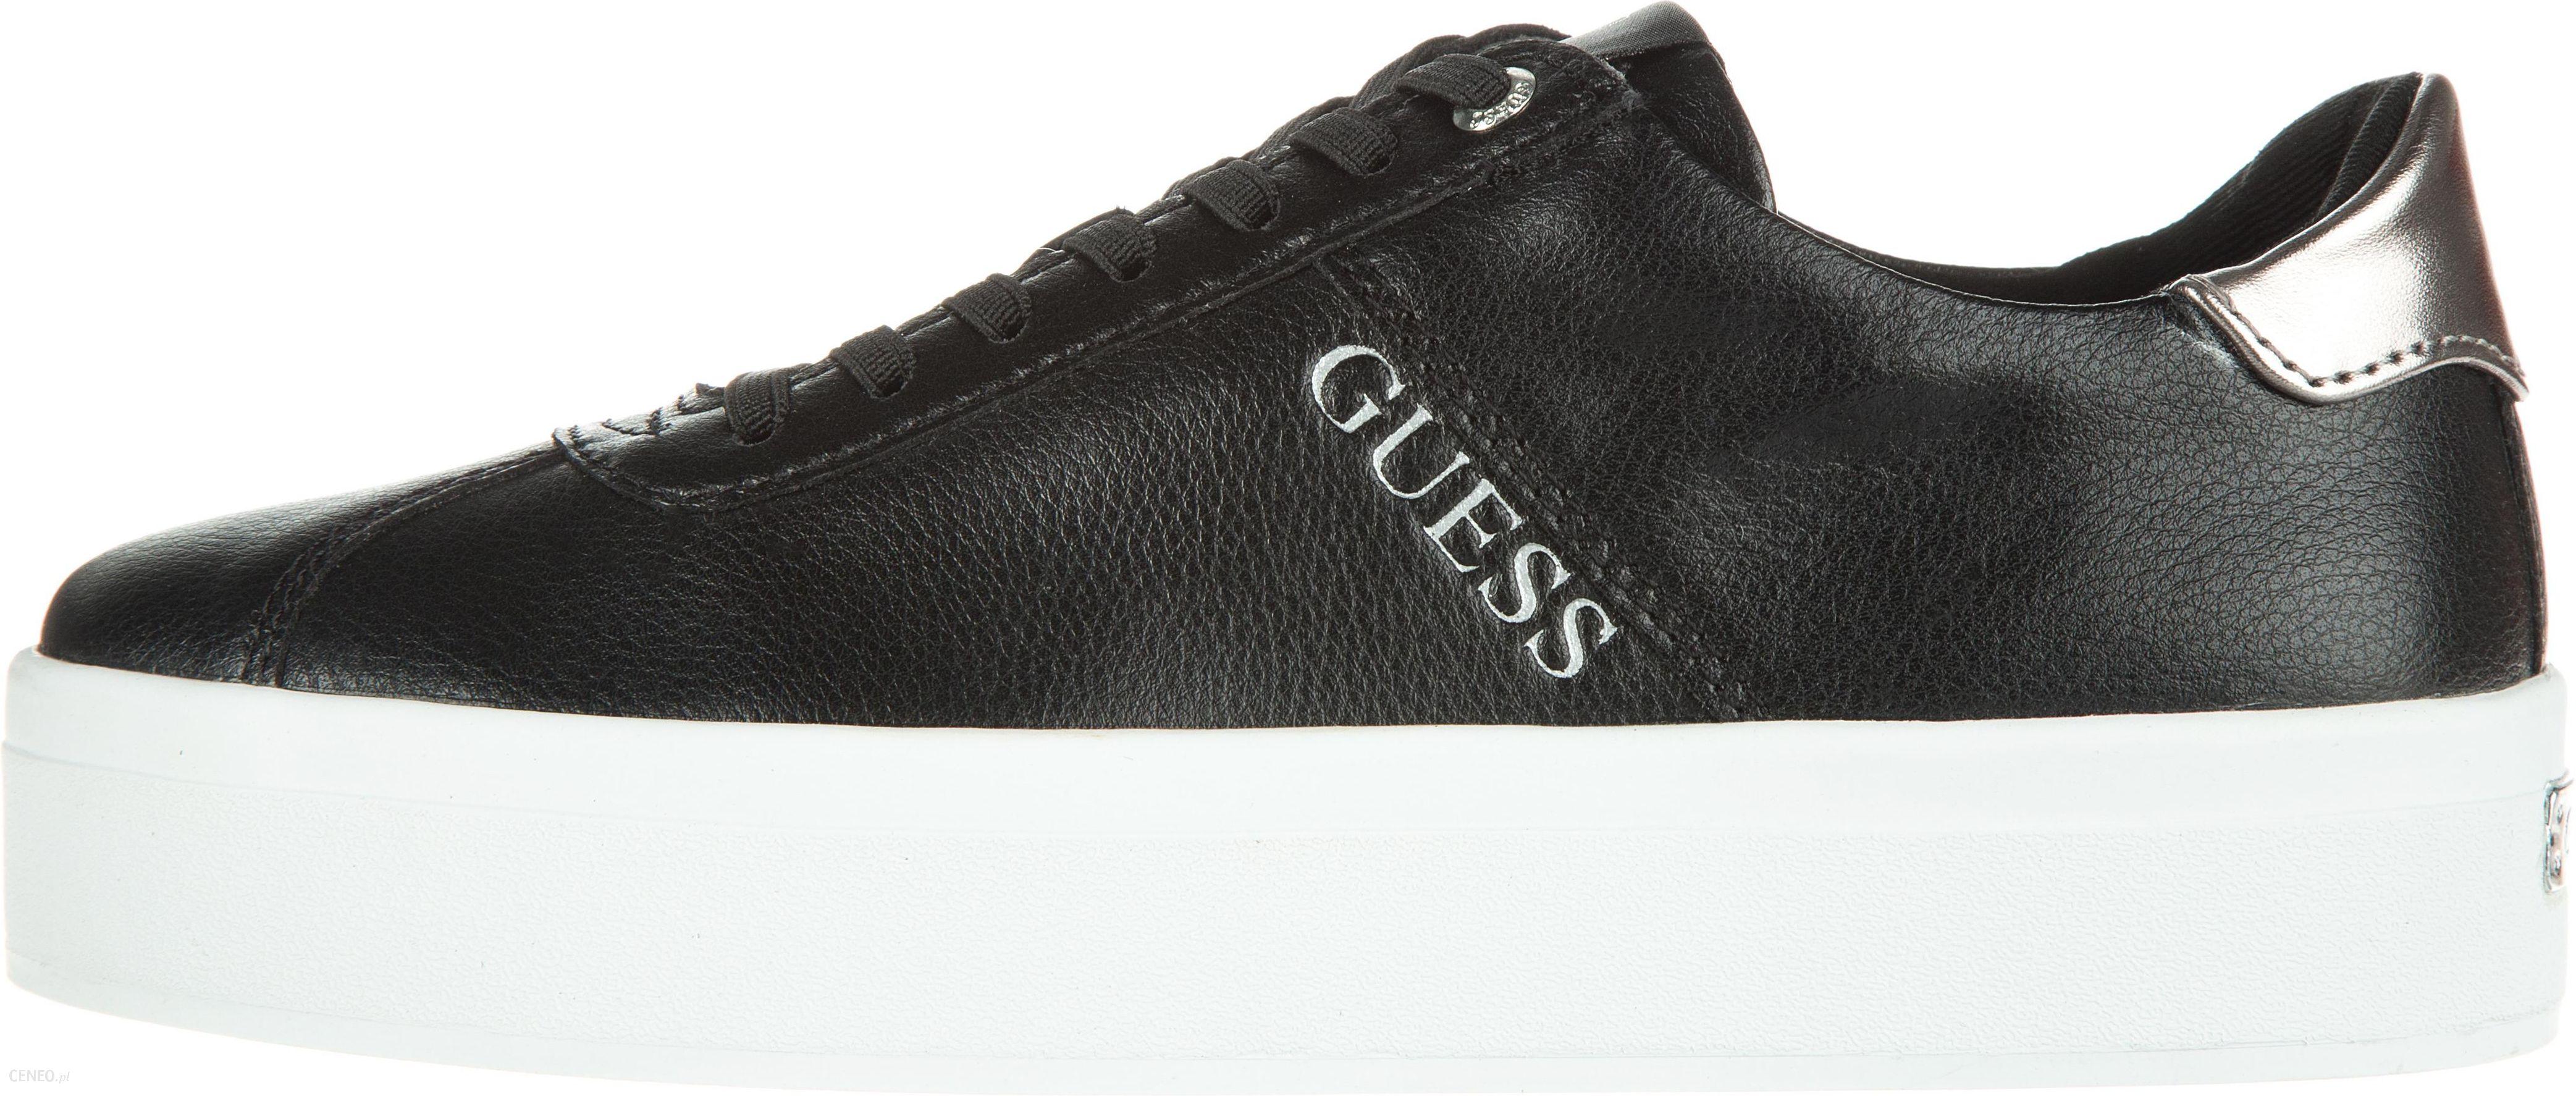 3939dd4efe6c8 Guess Fhala Sneakers Czarny 39 - Ceny i opinie - Ceneo.pl